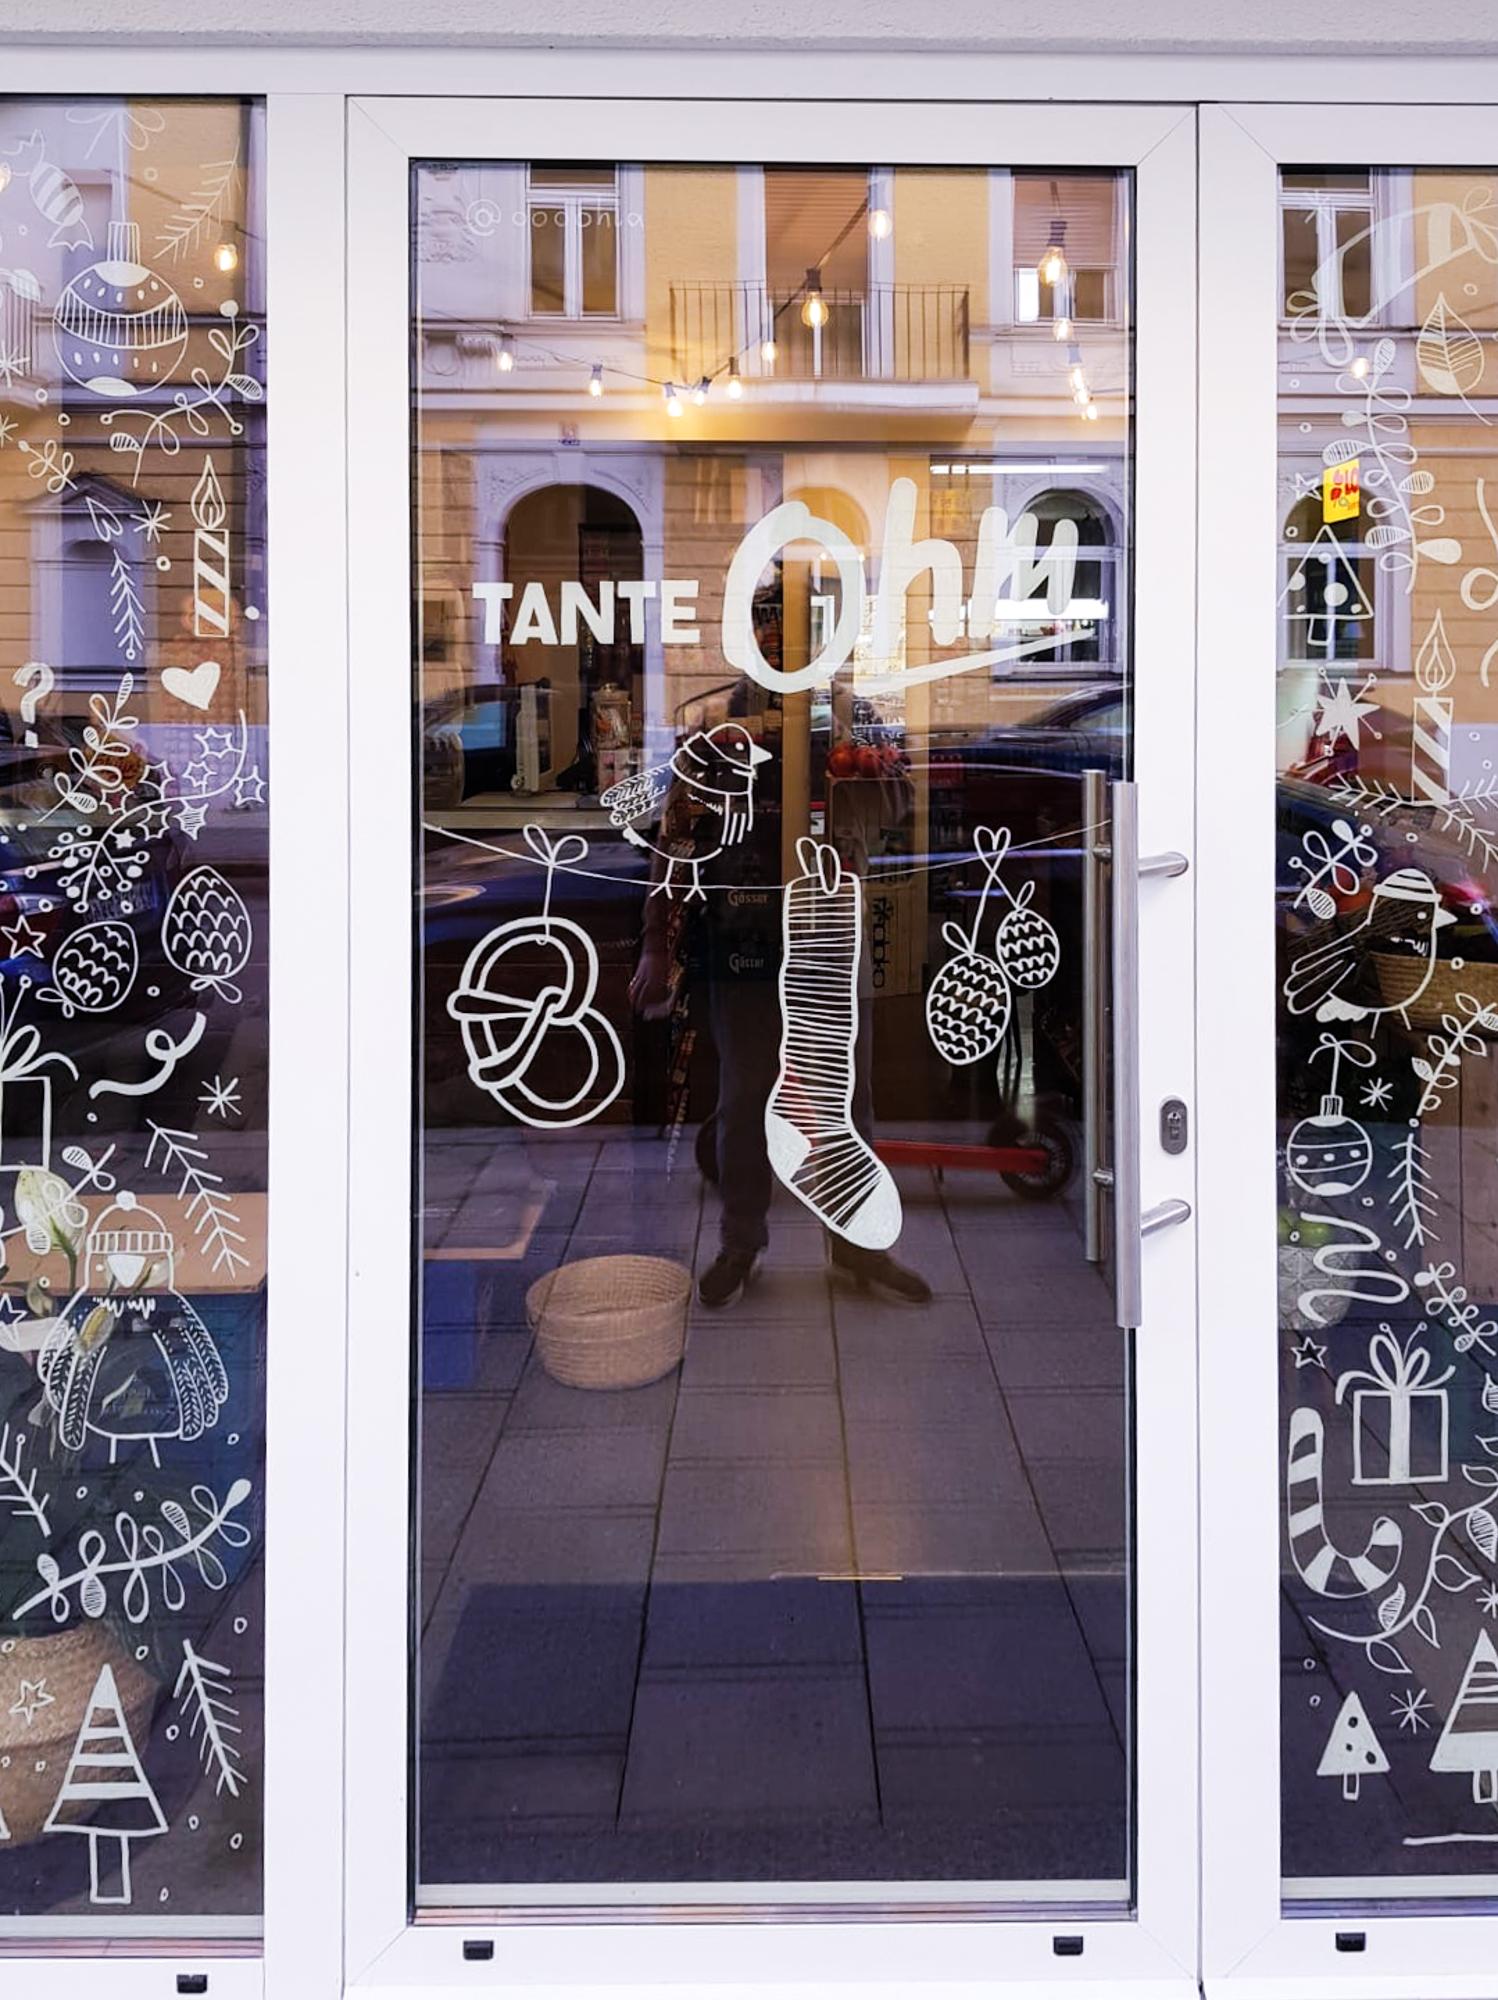 Foto von der Ladenfront des Kiosks mit der Fensterbemalung auf der Tür im Fokus.